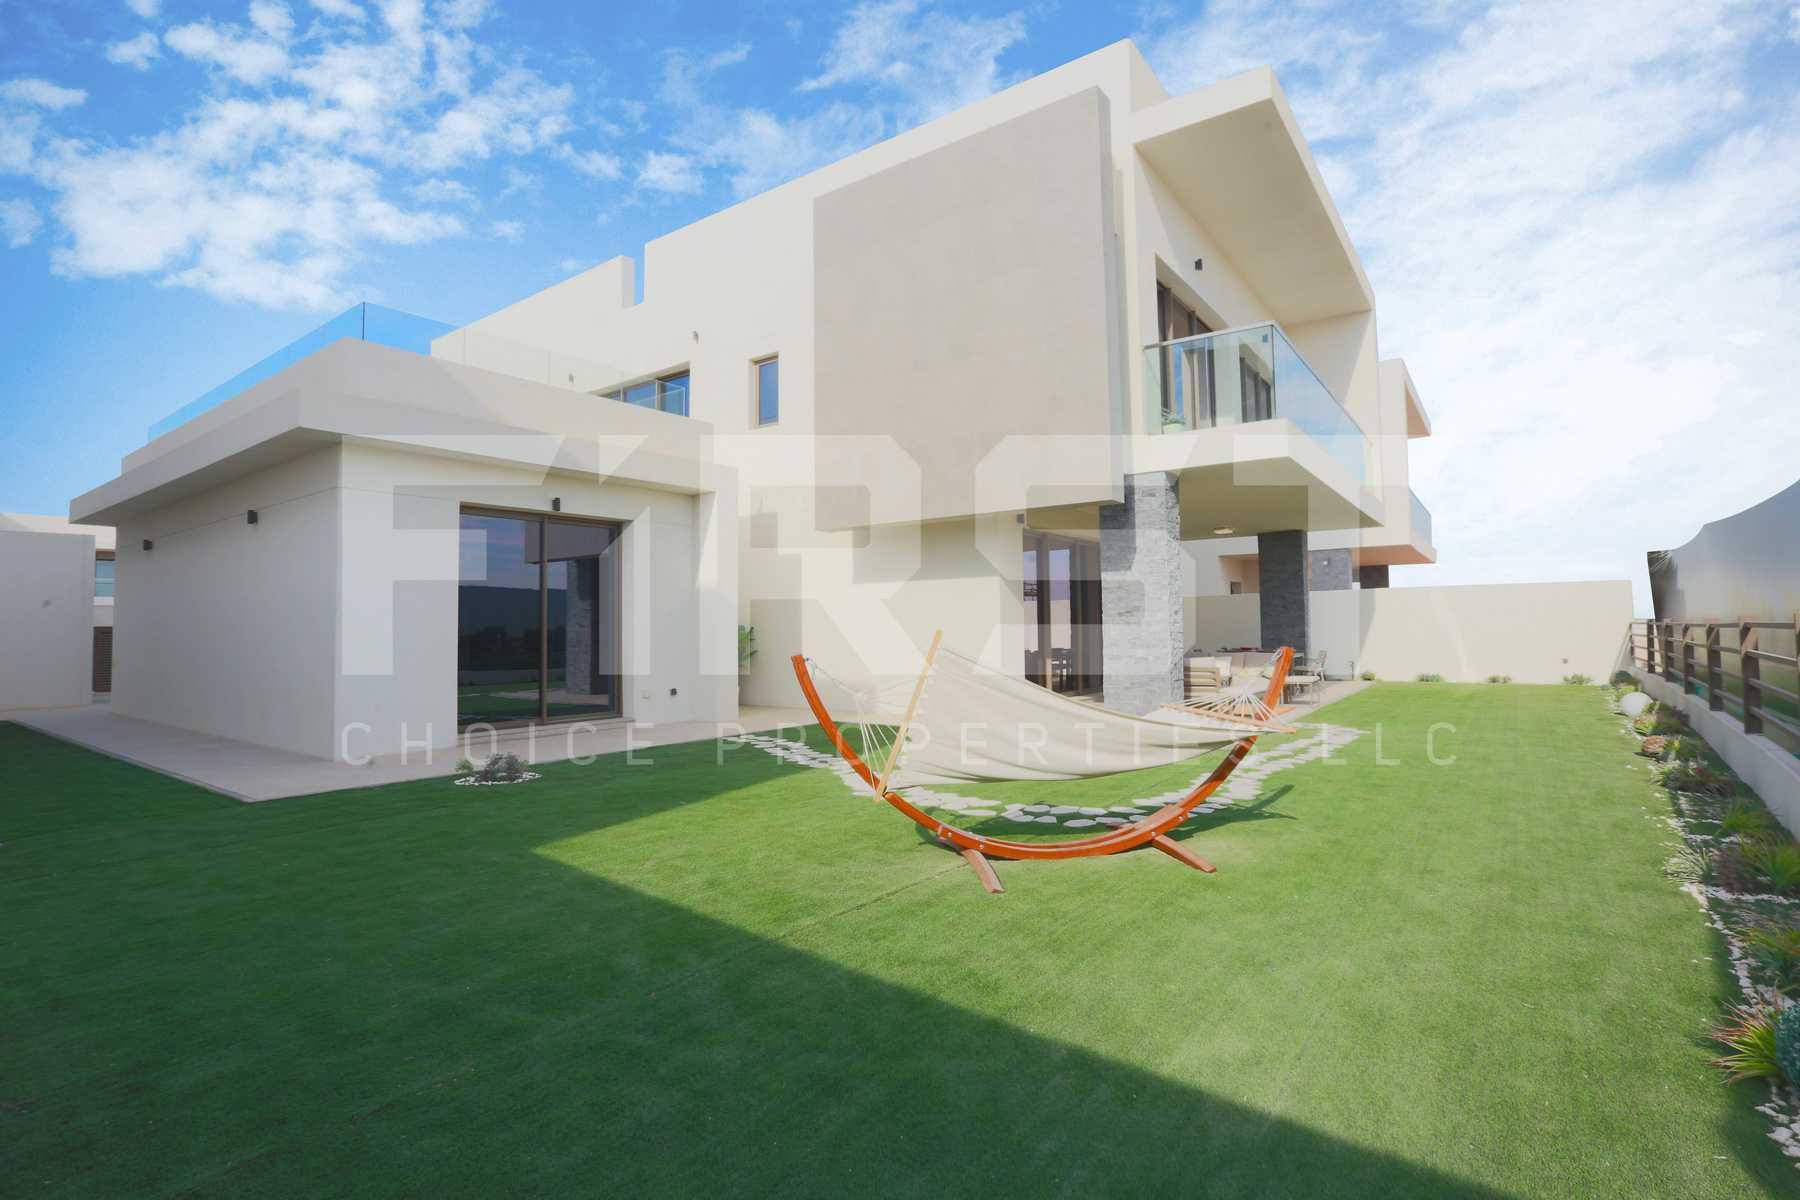 External Photo of 4 Bedroom Villa Type 4F in Yas Acres Yas Island Abu Dhabi UAE (8).jpg